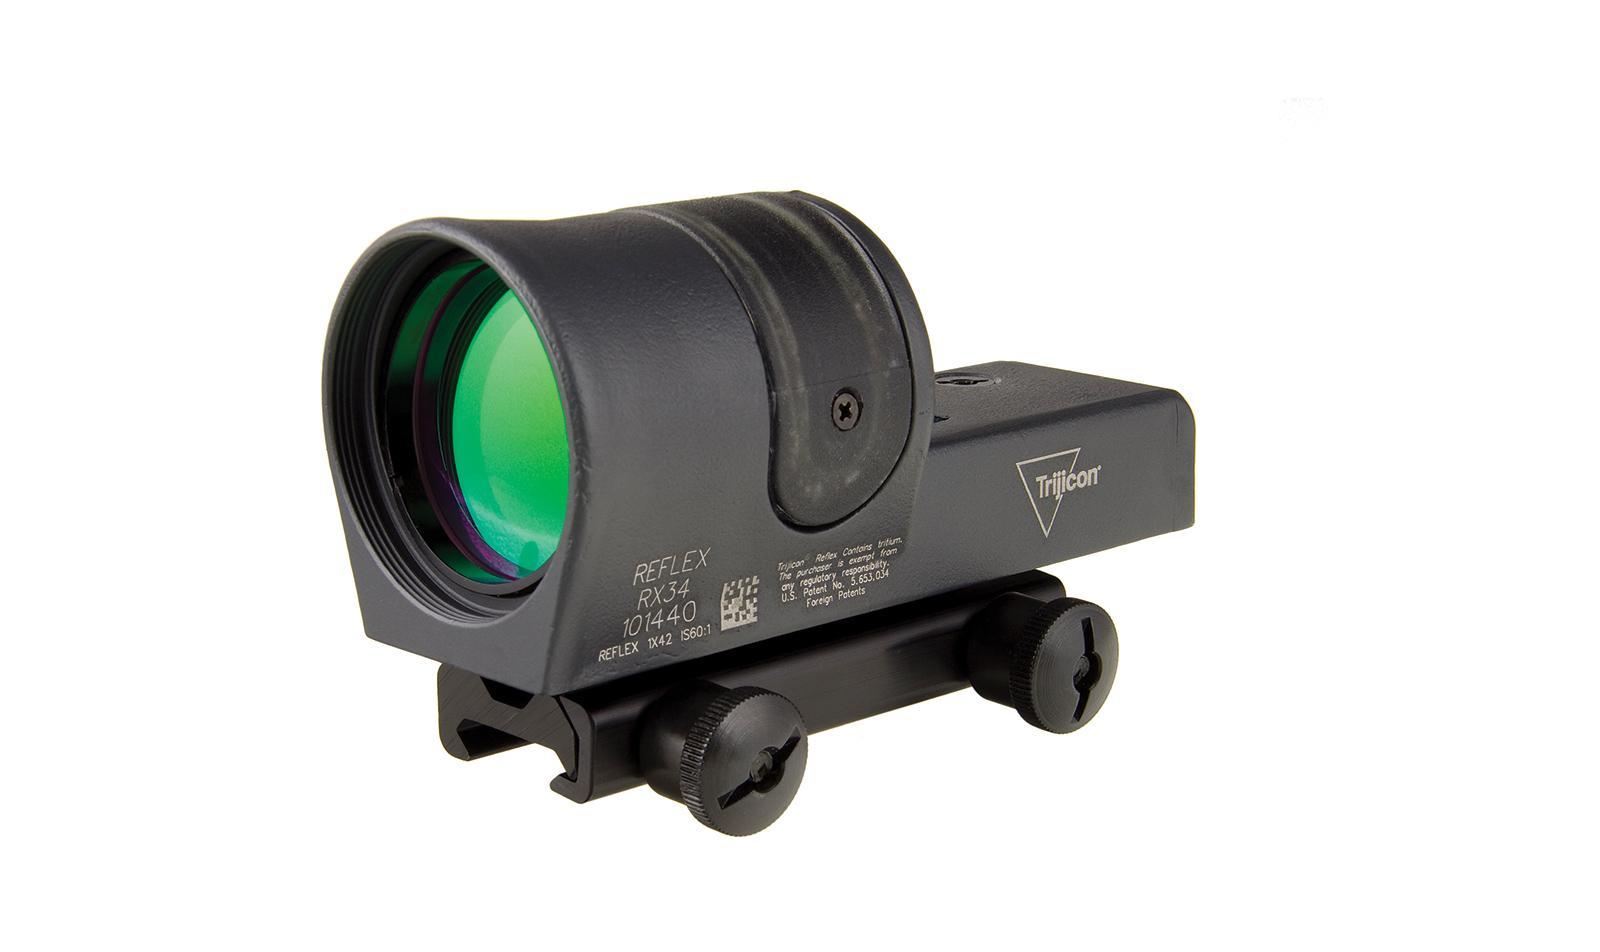 RX34-C-800107 angle